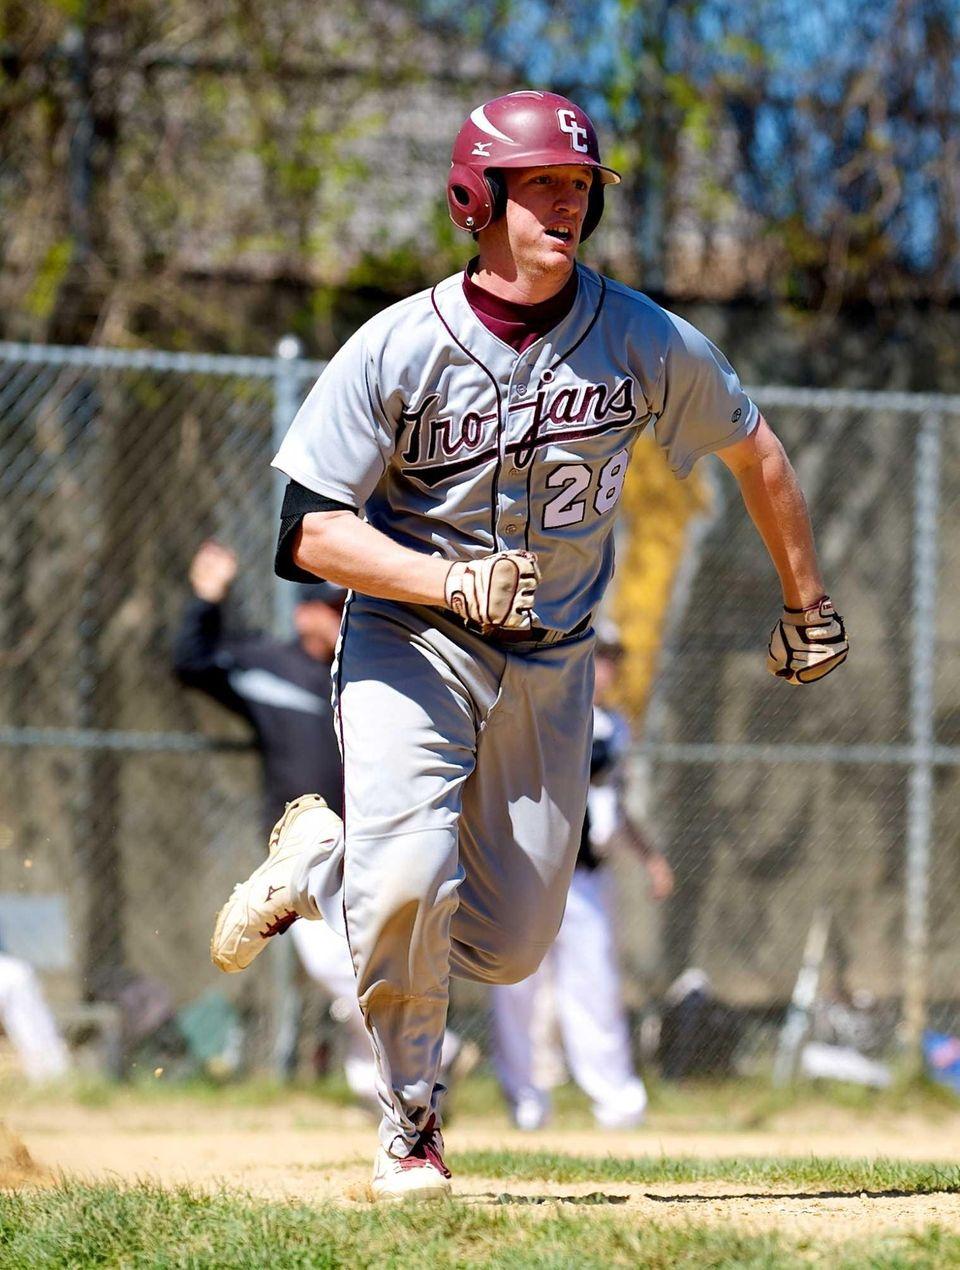 Garden City catcher P.J. Volz runs to first